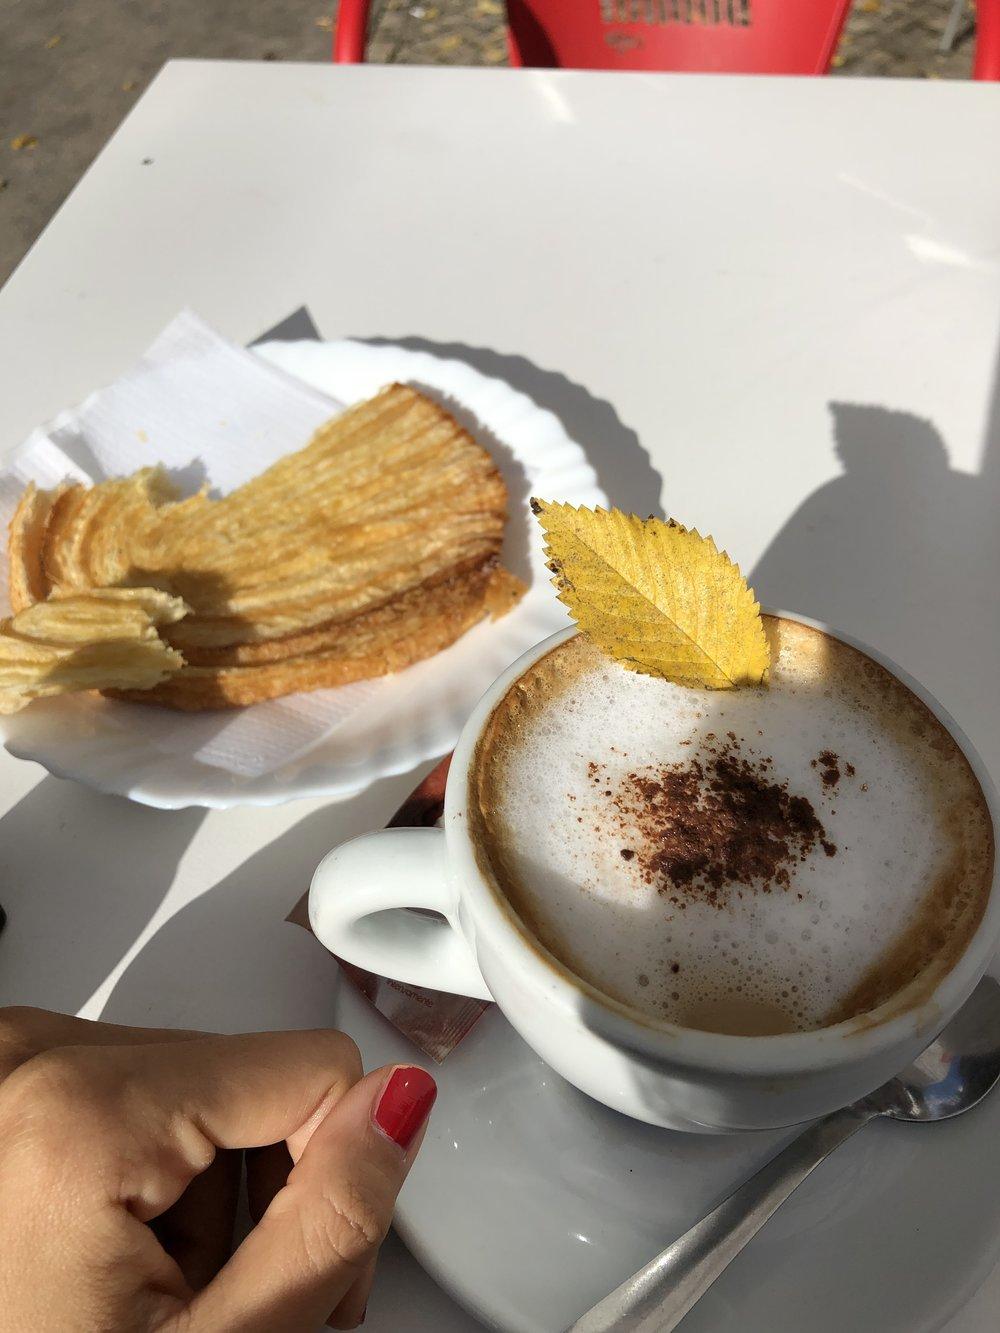 カフェラテ 1.50€ パイ 1.20€  ぼったくりだな。w ここから5分も離れてない観光客が来ないところのラテは この旅史上1番やすい0.90€でした!